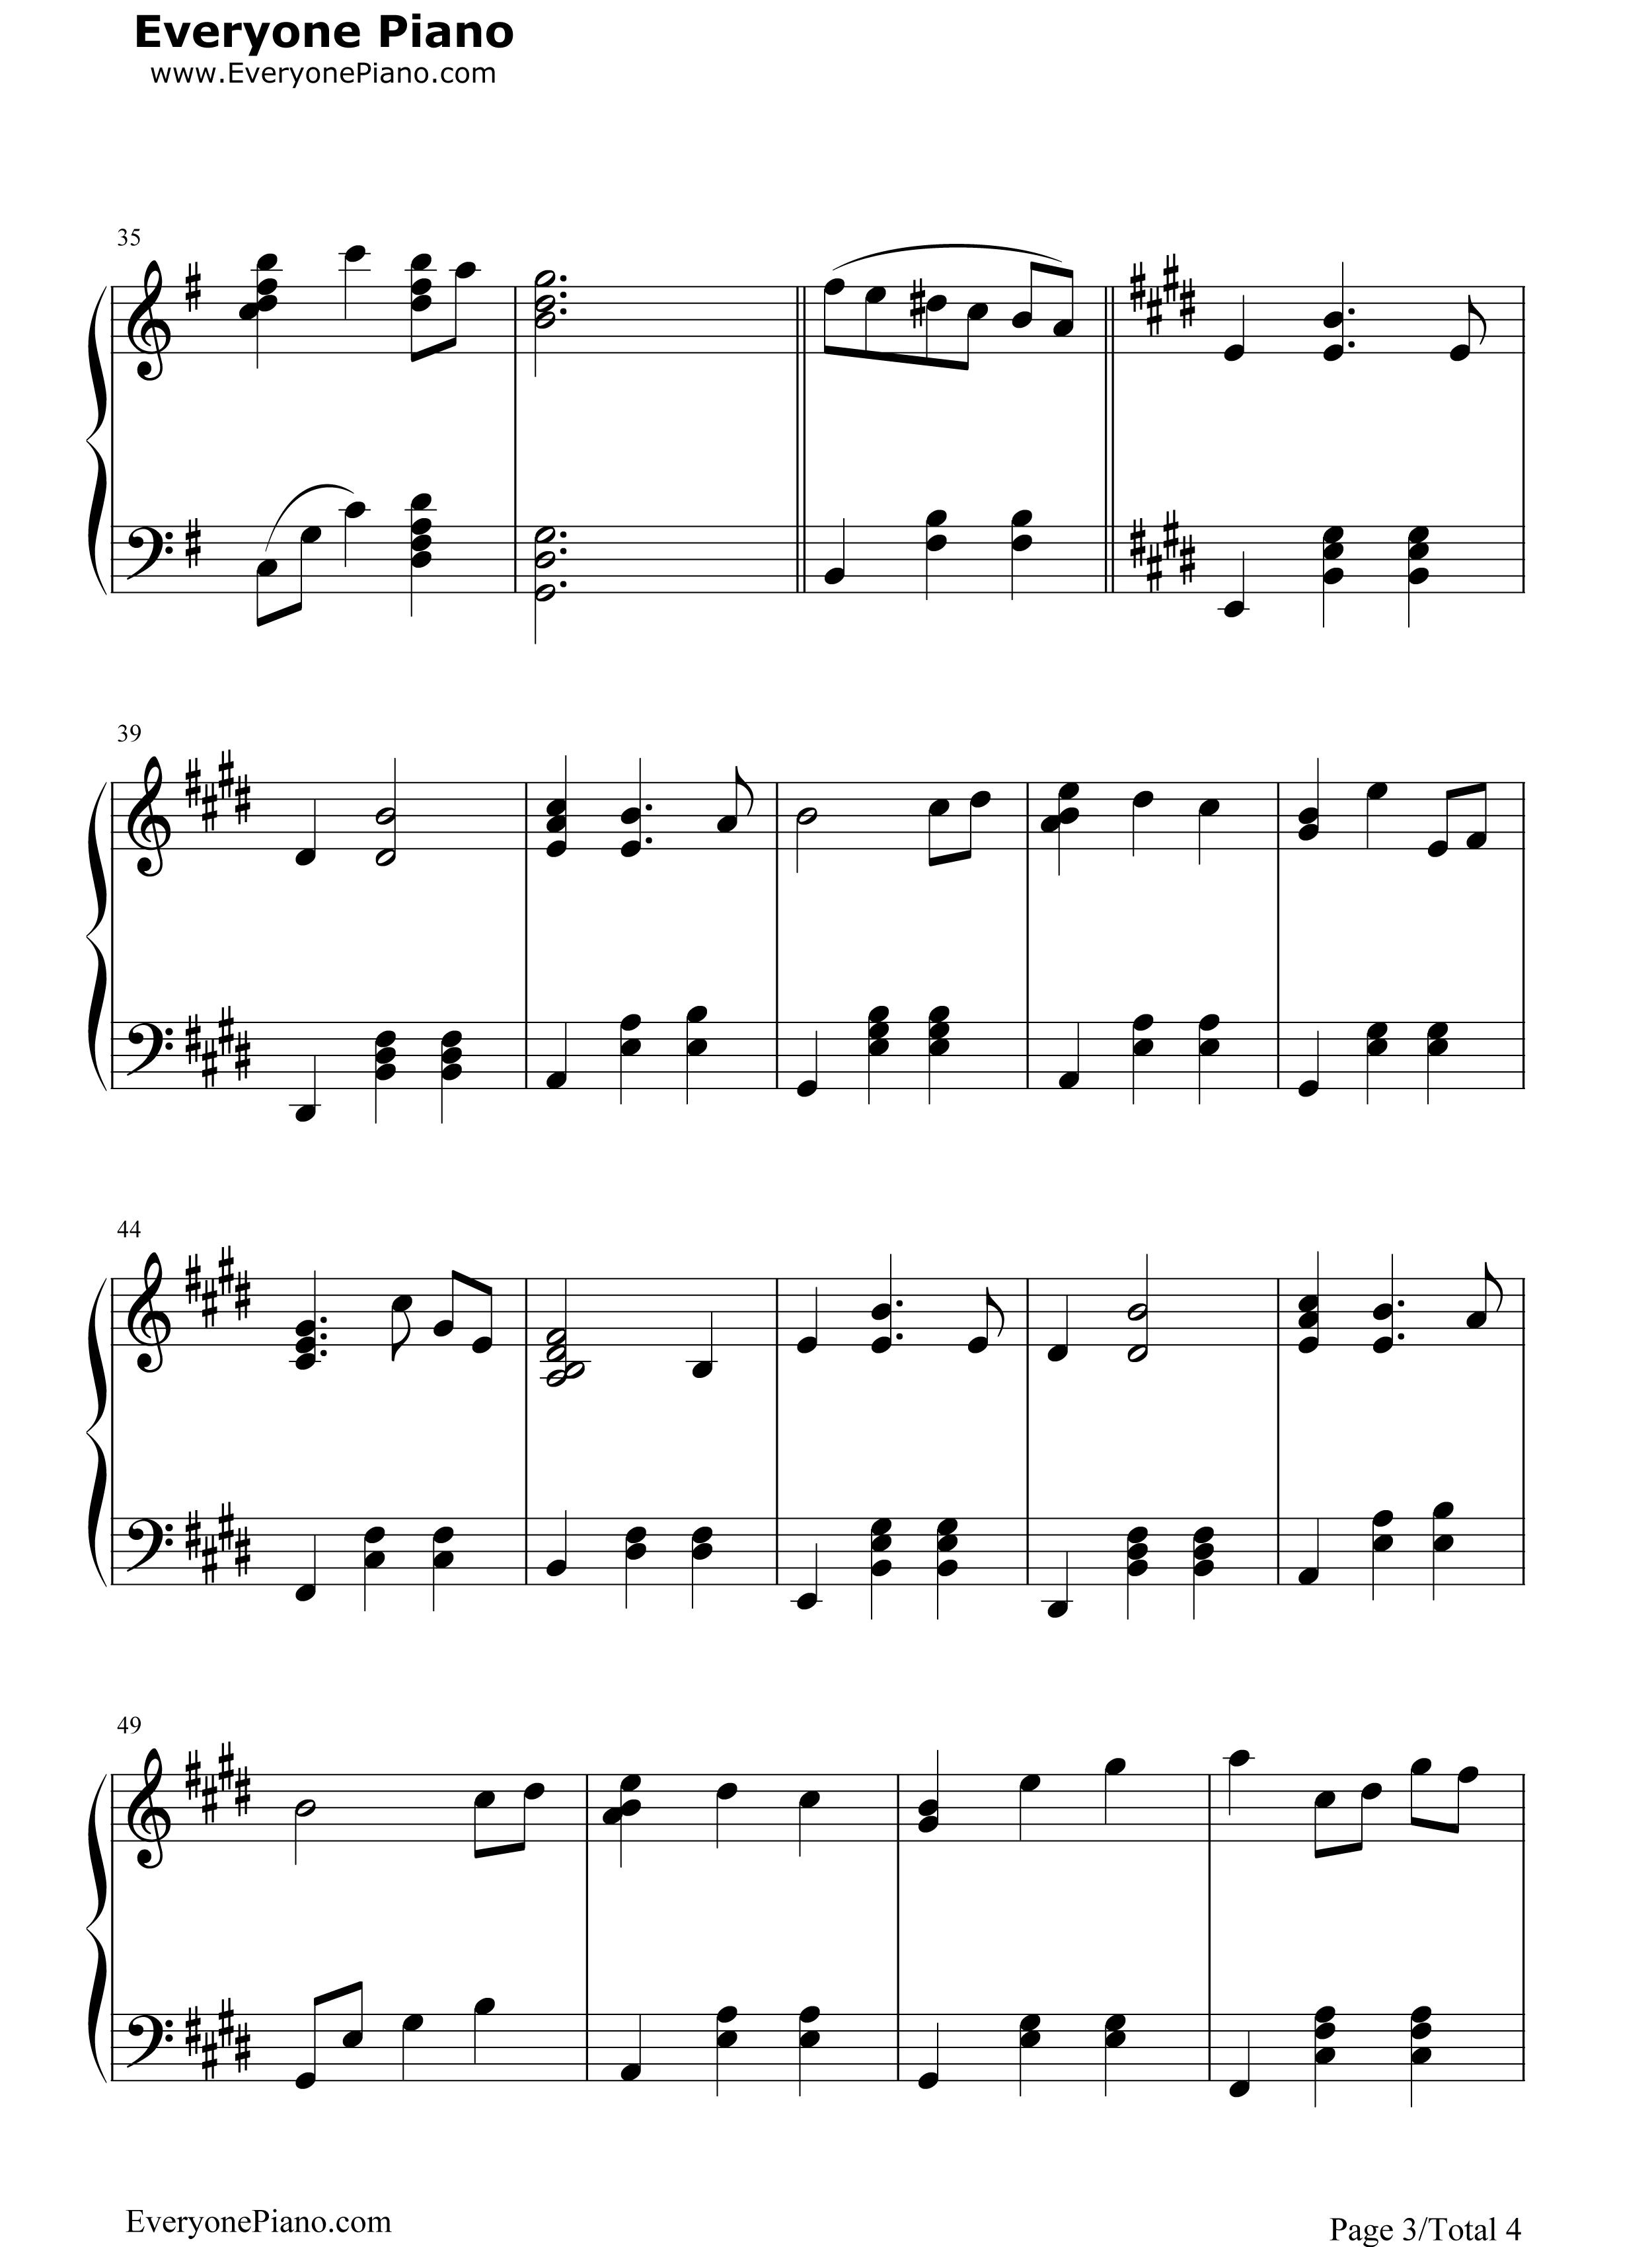 钢琴曲谱 动漫 千寻的华尔兹-千寻のワルツ-千与千寻